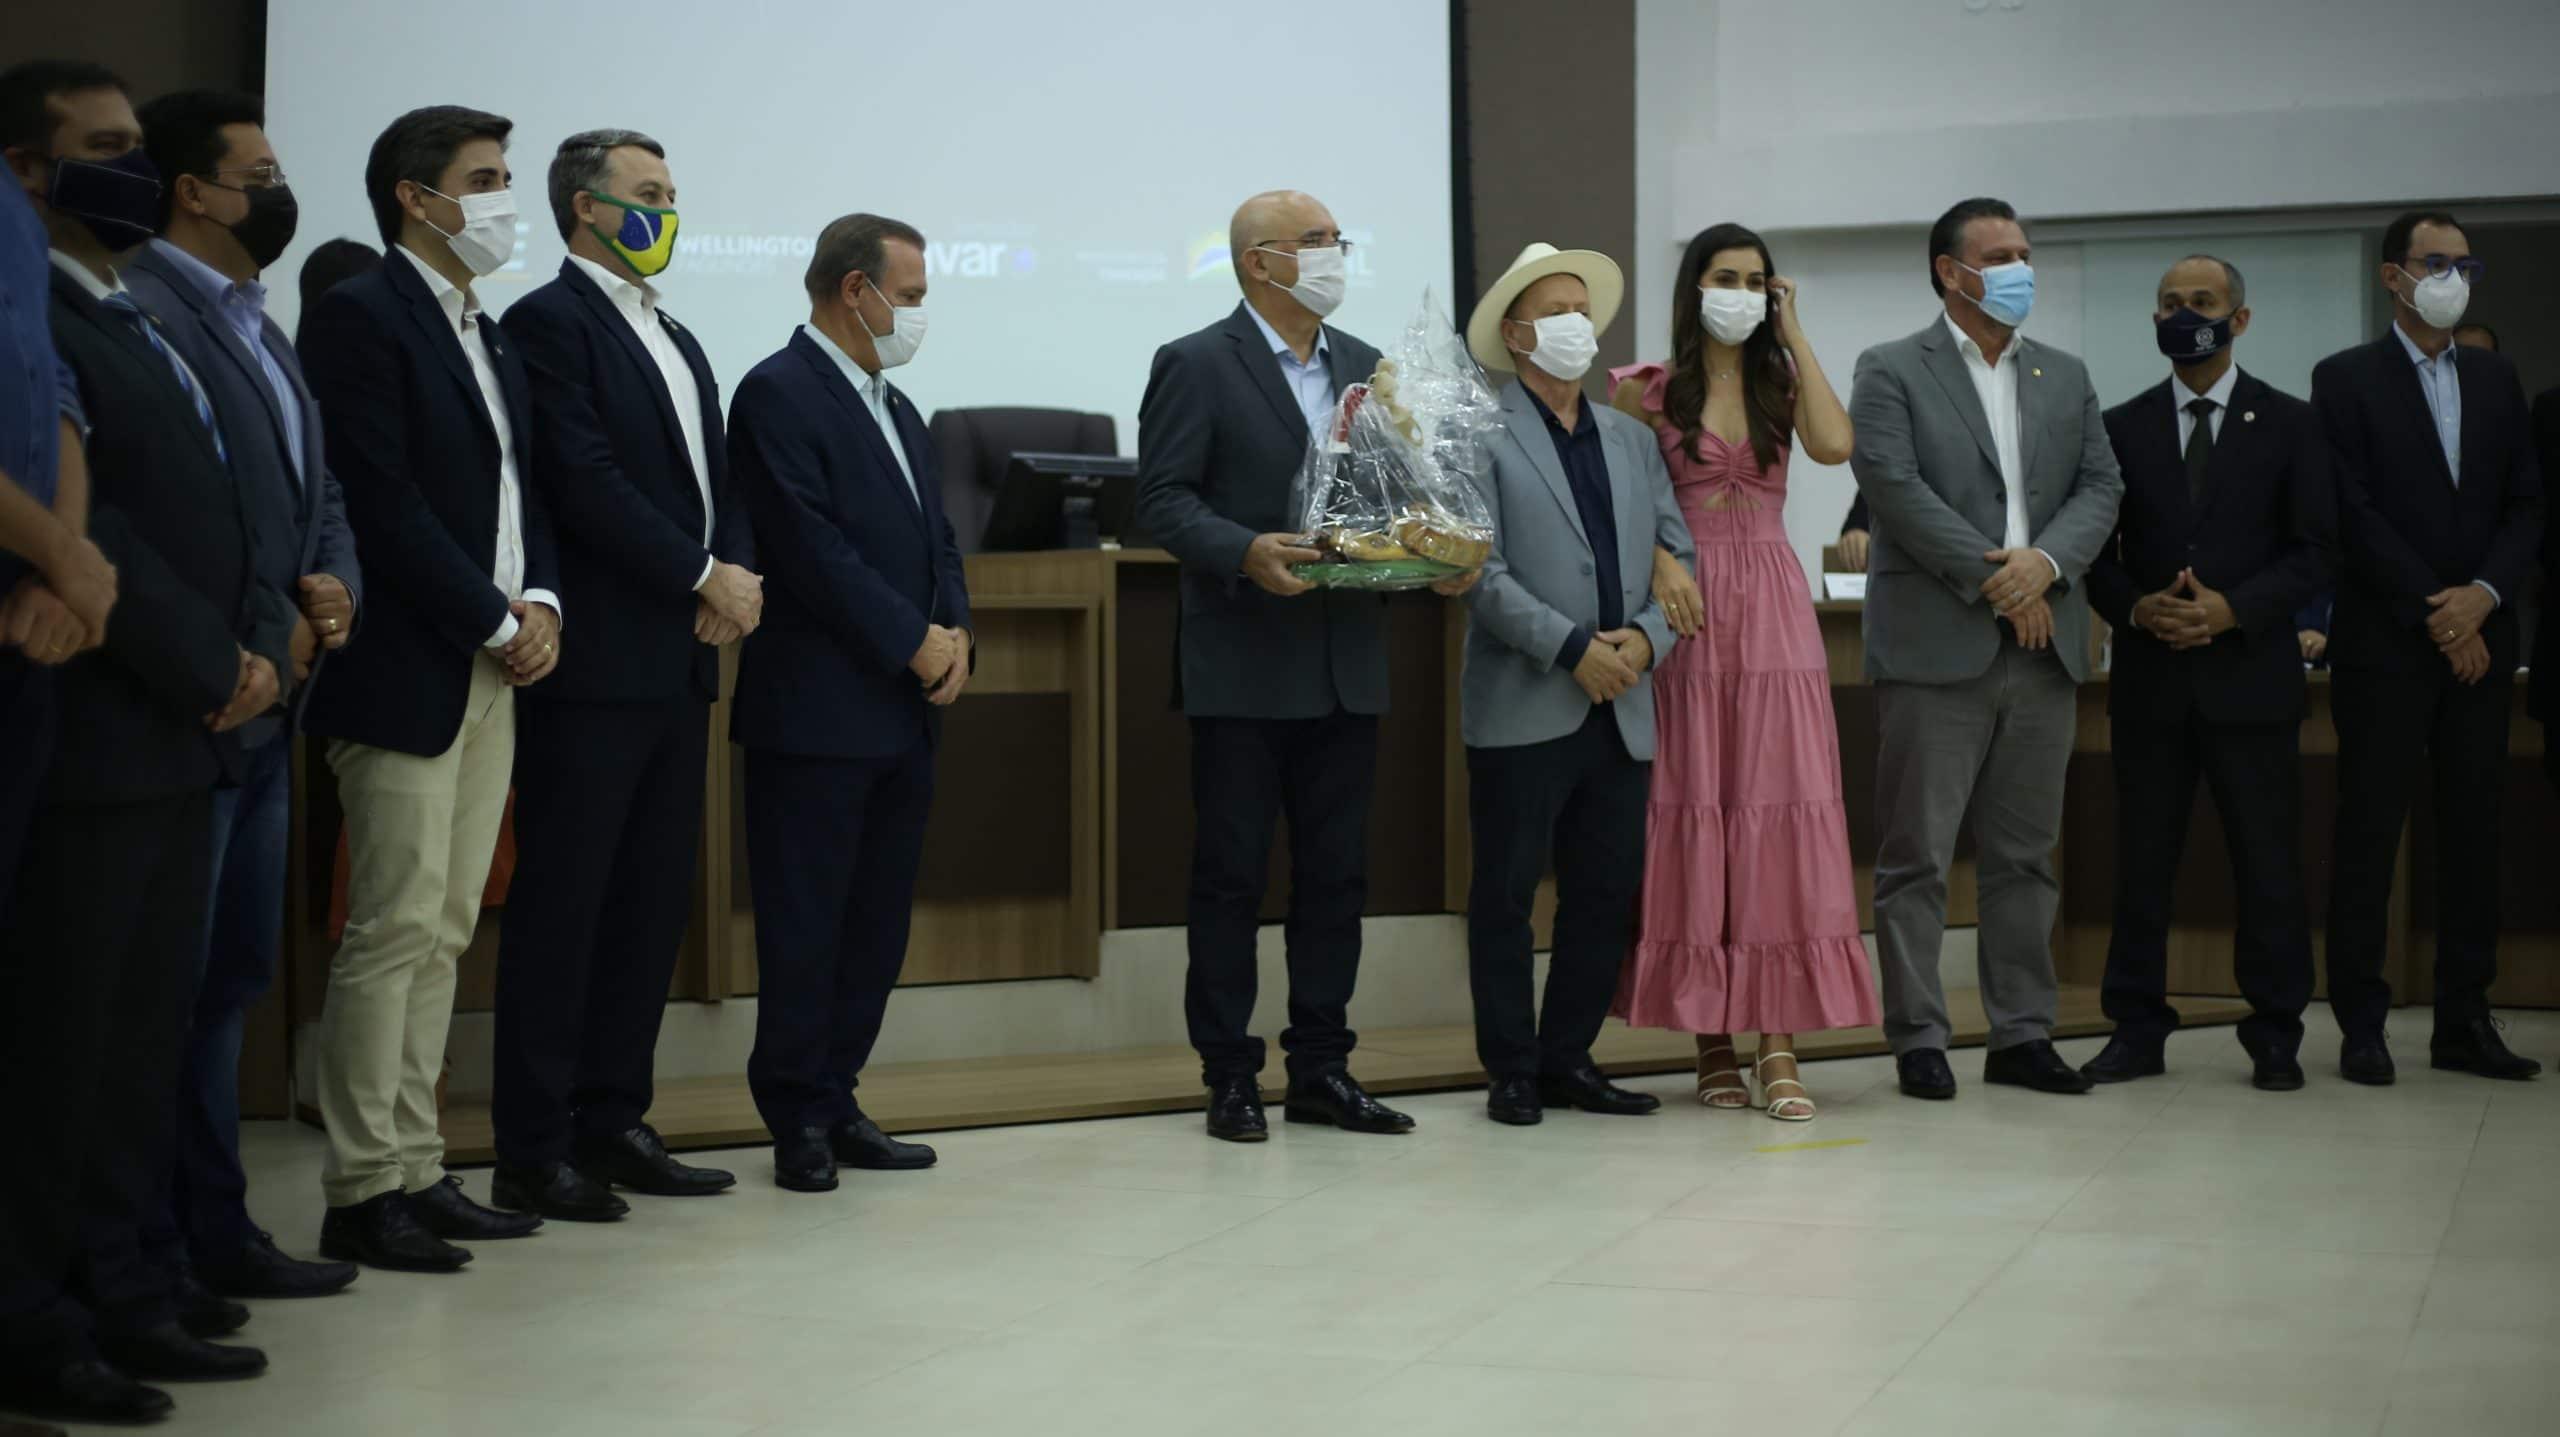 SINOP: Em evento, ministro da educação mostra apoio para criação de UFNMT 8